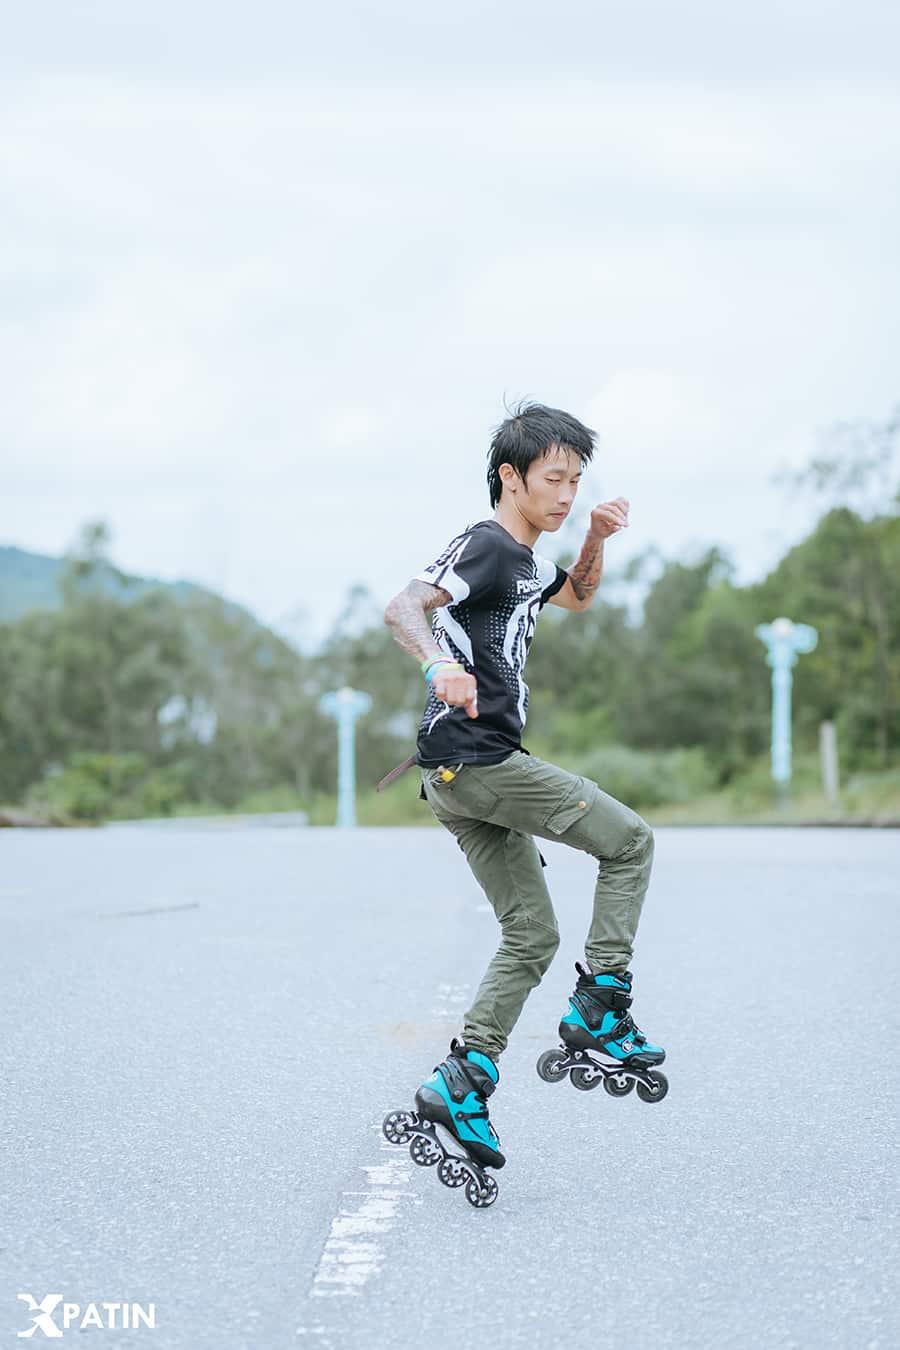 Trượt Patin chinh phục dốc tại khu du lịch Bãi Lữ Nghệ An ảnh 9